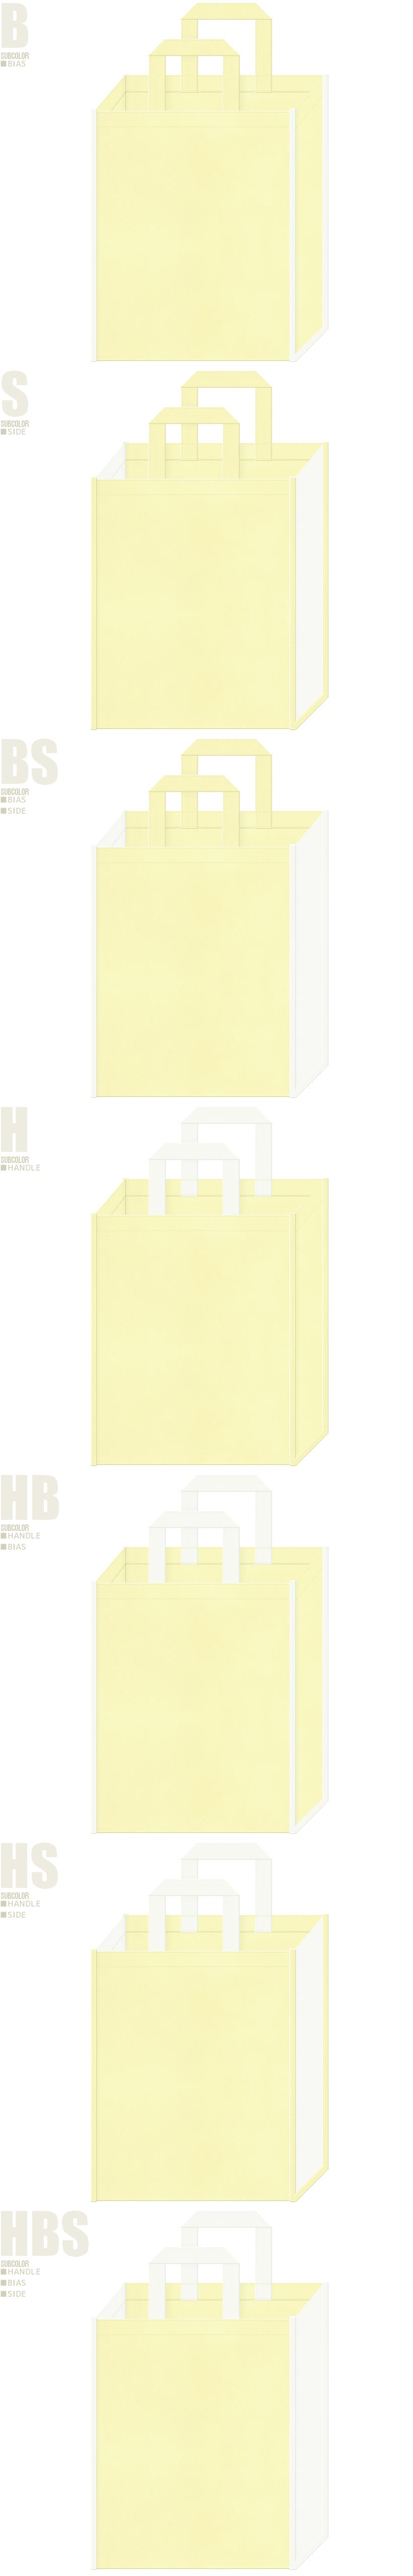 マーガリン・乳製品・チーズケーキ・ロールケーキ・スイーツにお奨めの不織布バッグデザイン:薄黄色とオフホワイト色の配色7パターン。